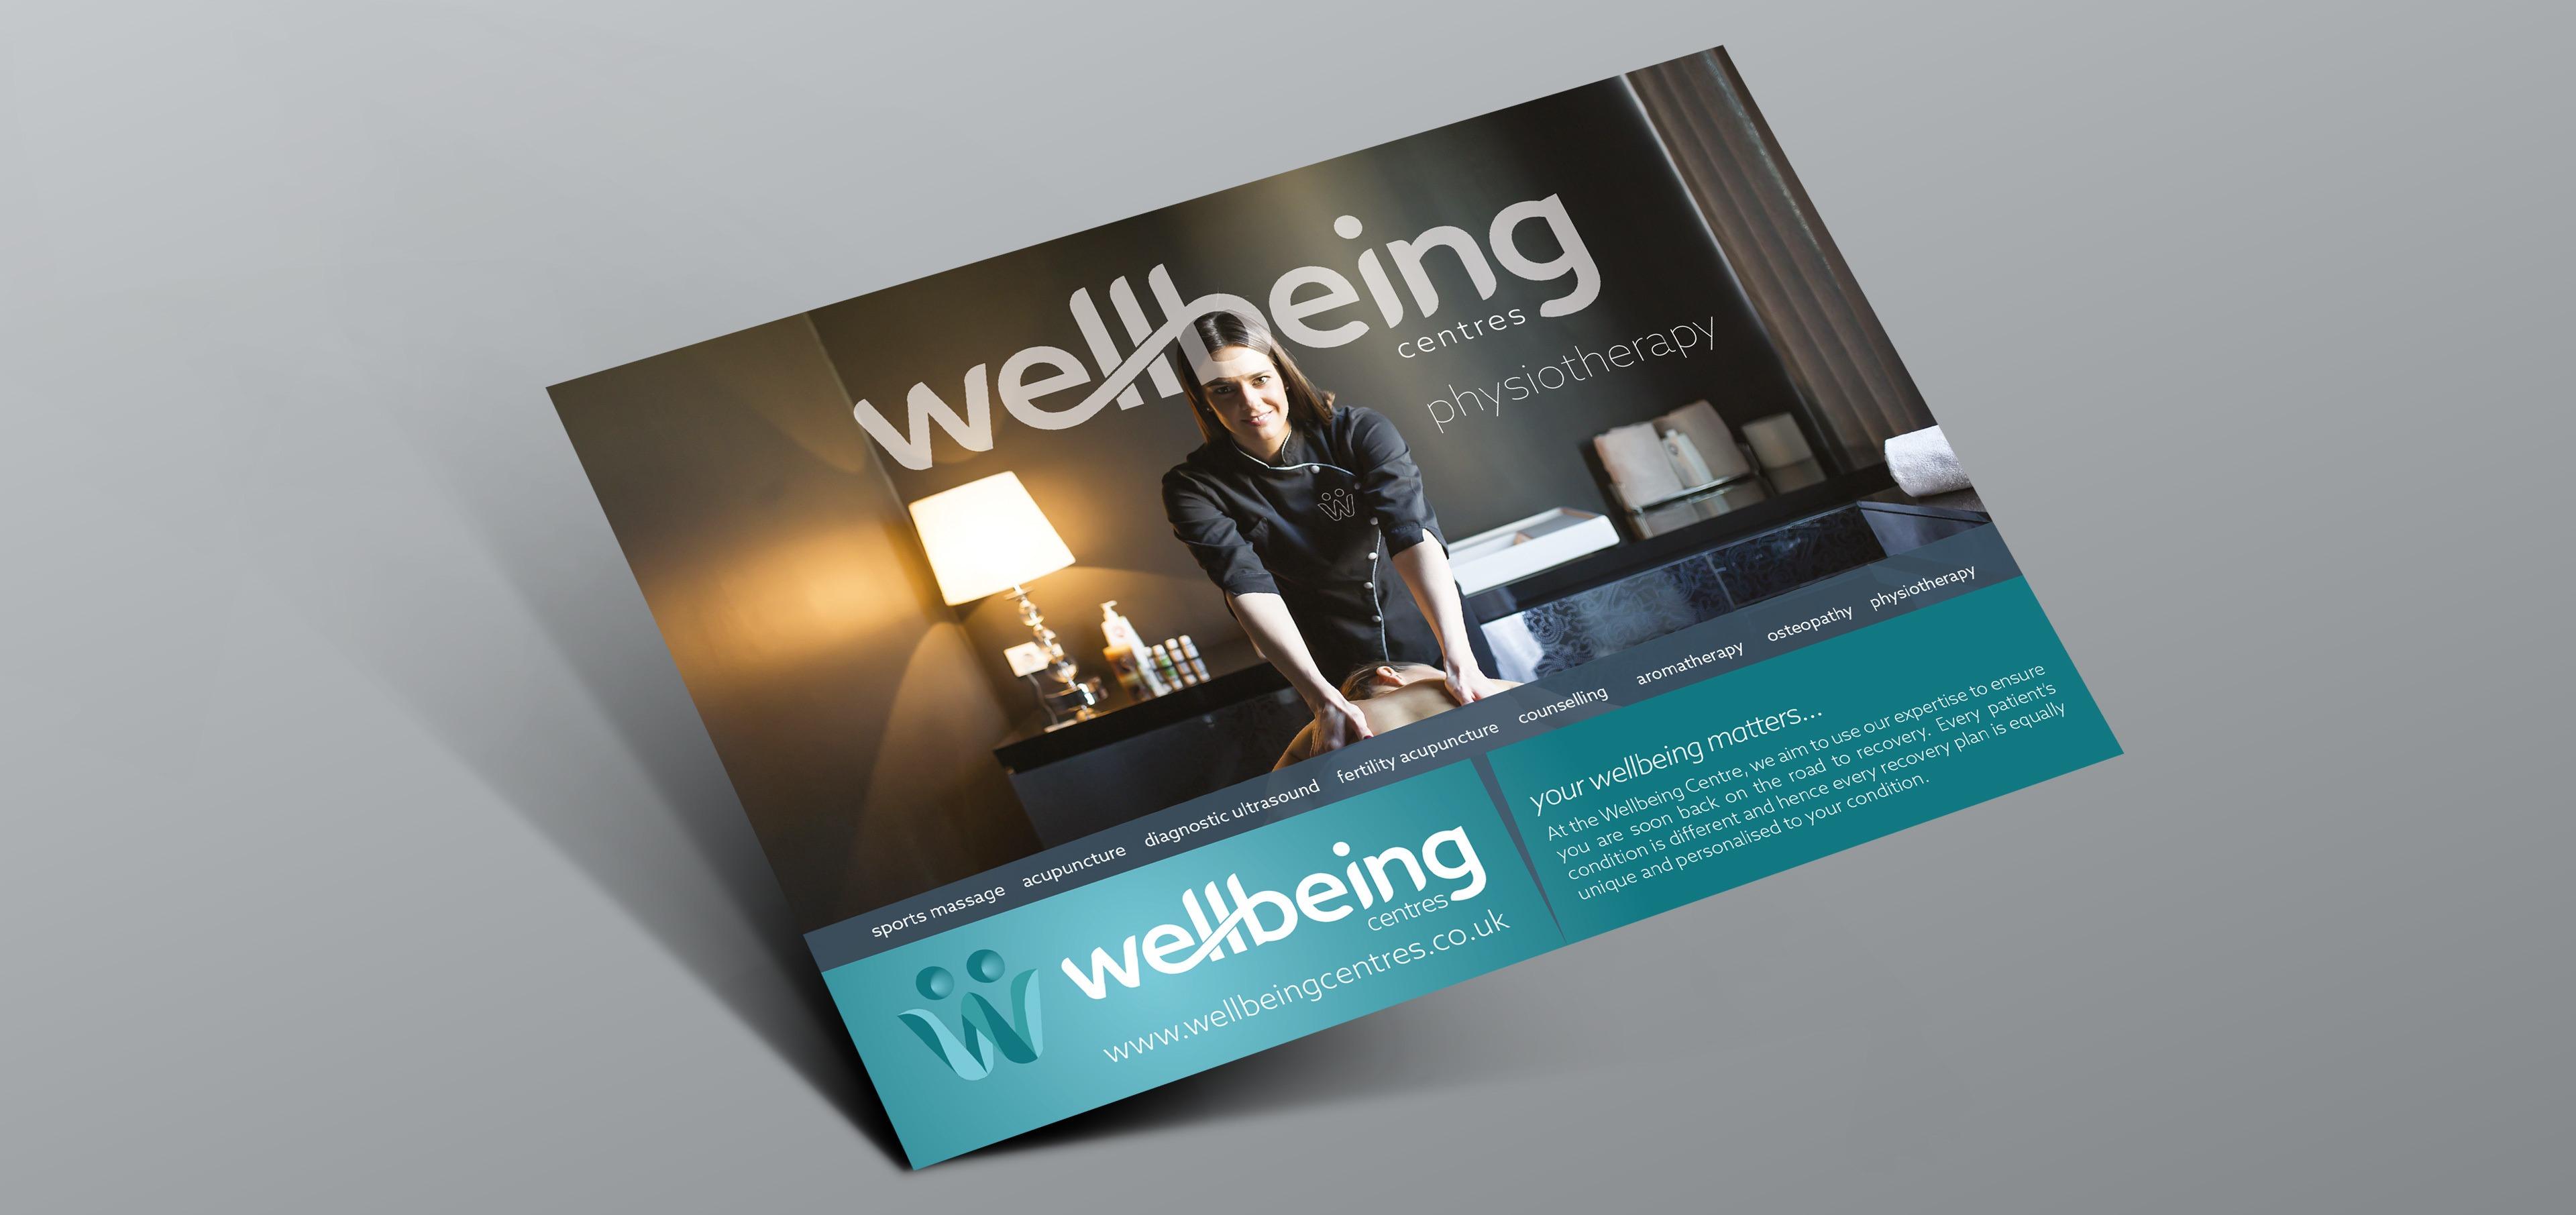 wellbeing_leaflet.jpg